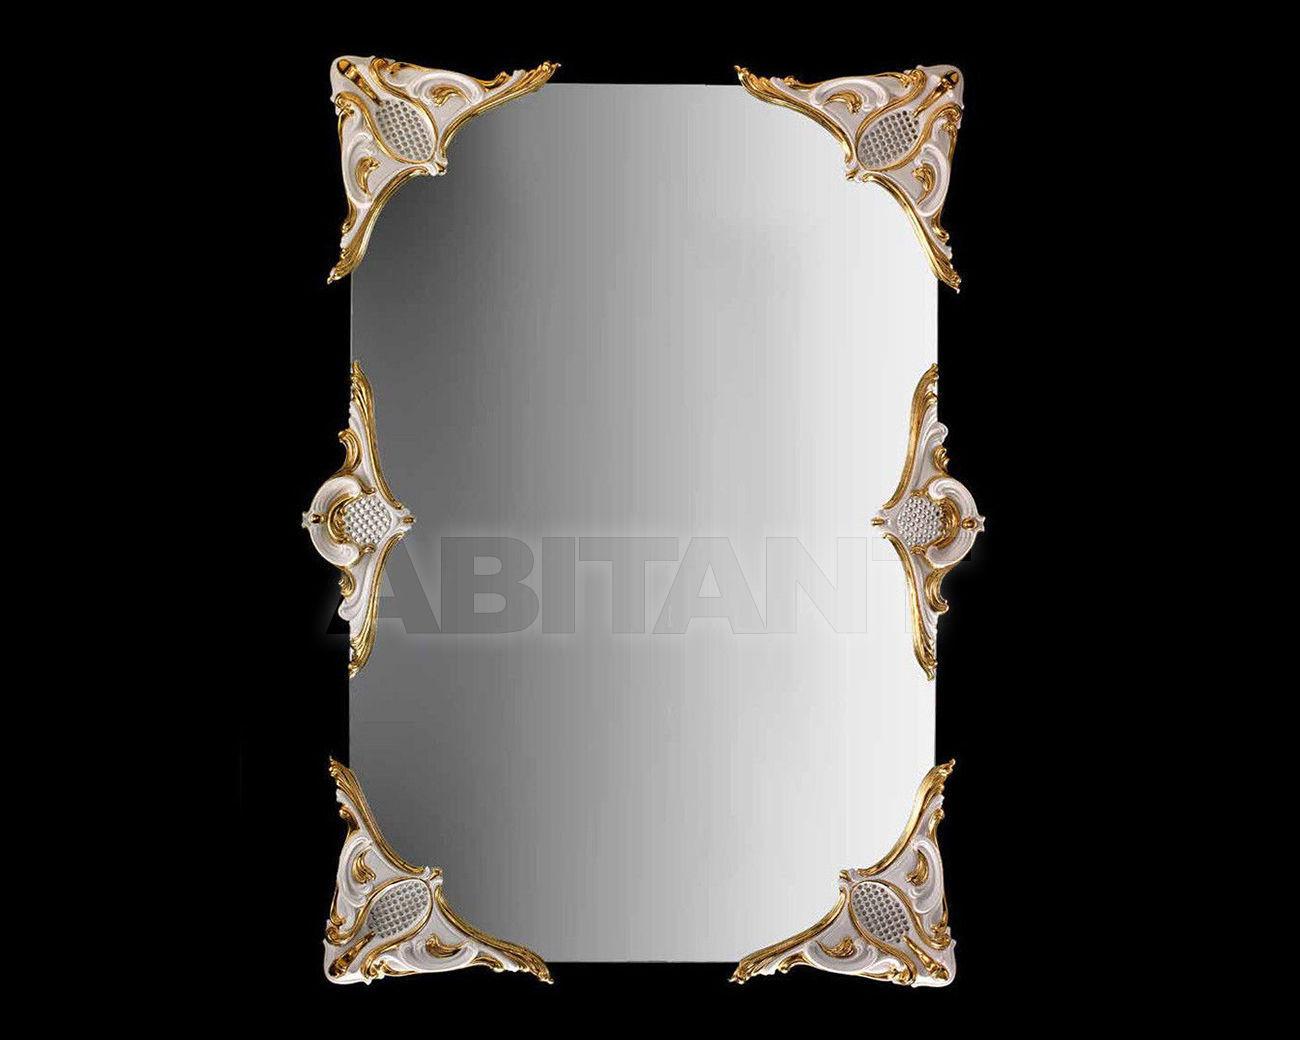 Купить Зеркало настенное Ceramiche Lorenzon  Specchi L.893/6/BO